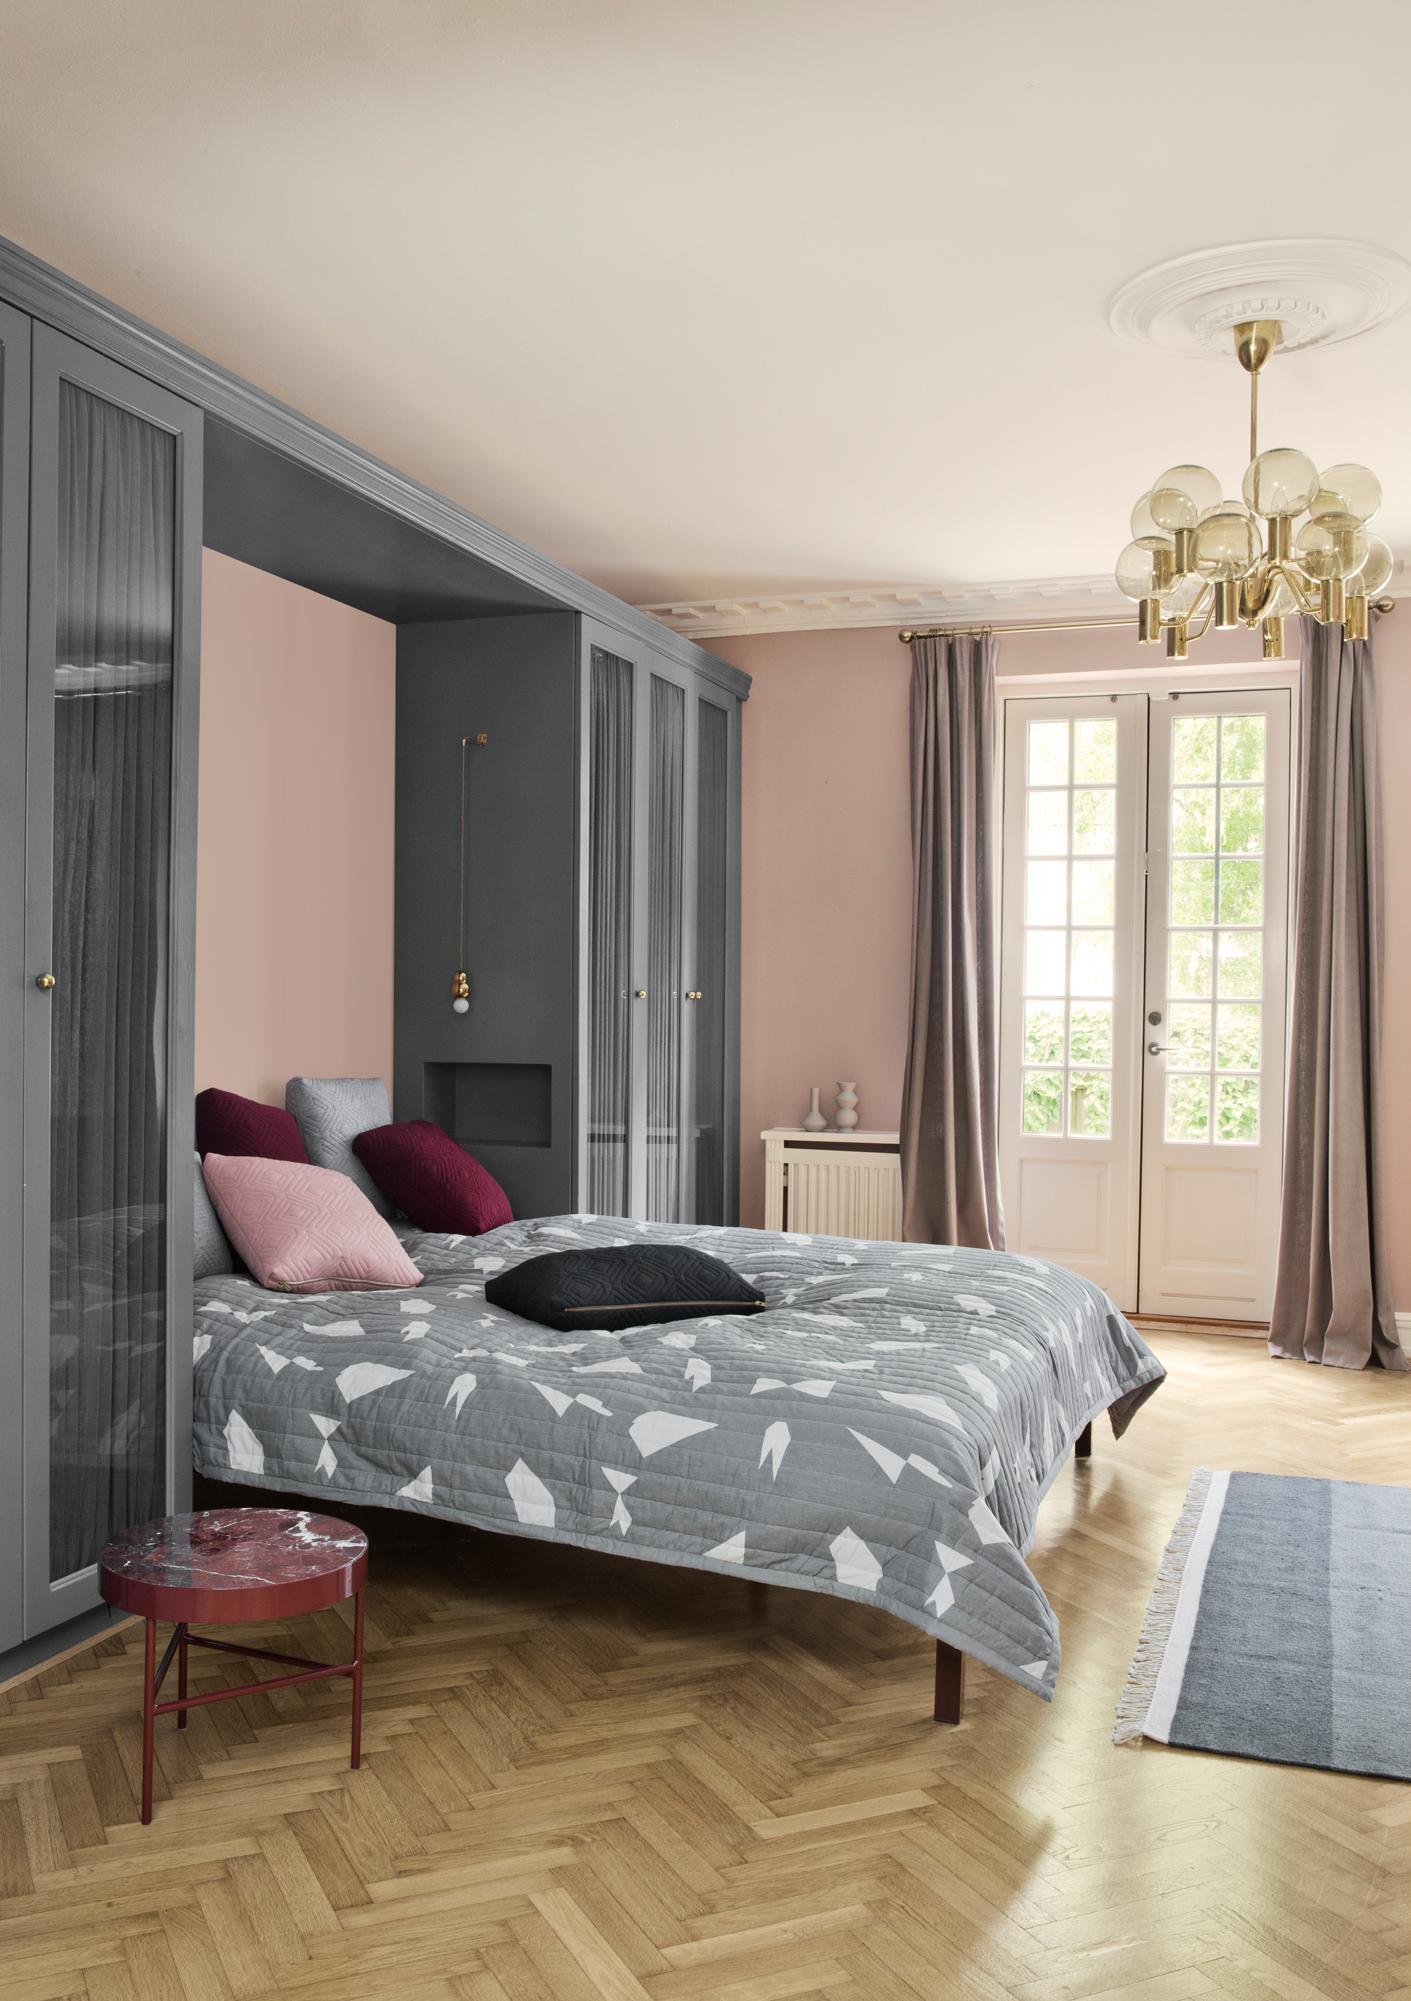 schlafzimmer gestalten bilder ideen couchstyle. Black Bedroom Furniture Sets. Home Design Ideas